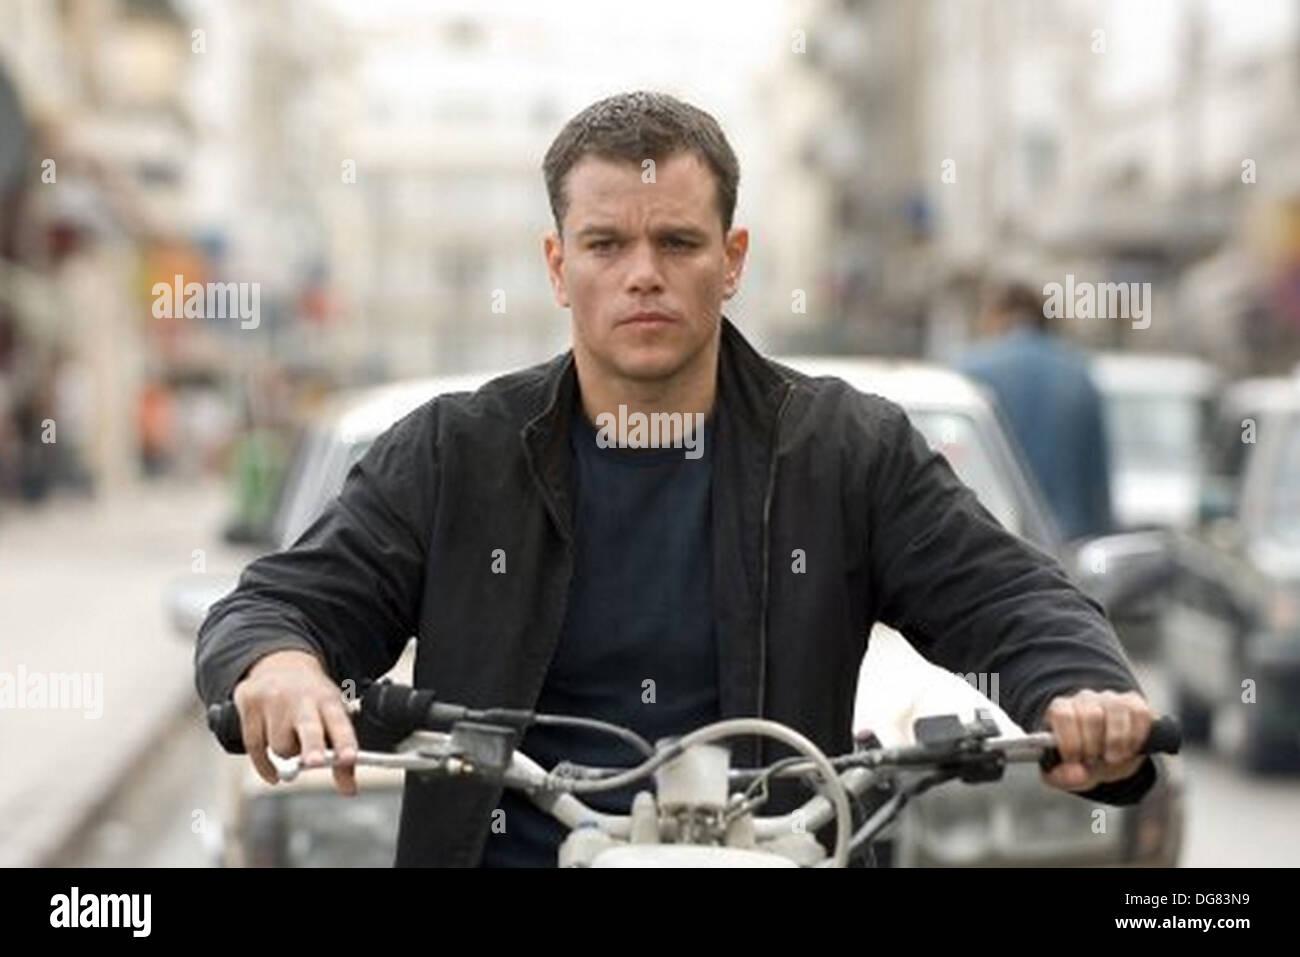 THE BOURNE ULTIMATUM 2007 Universal film with Matt Damond Stock Photo